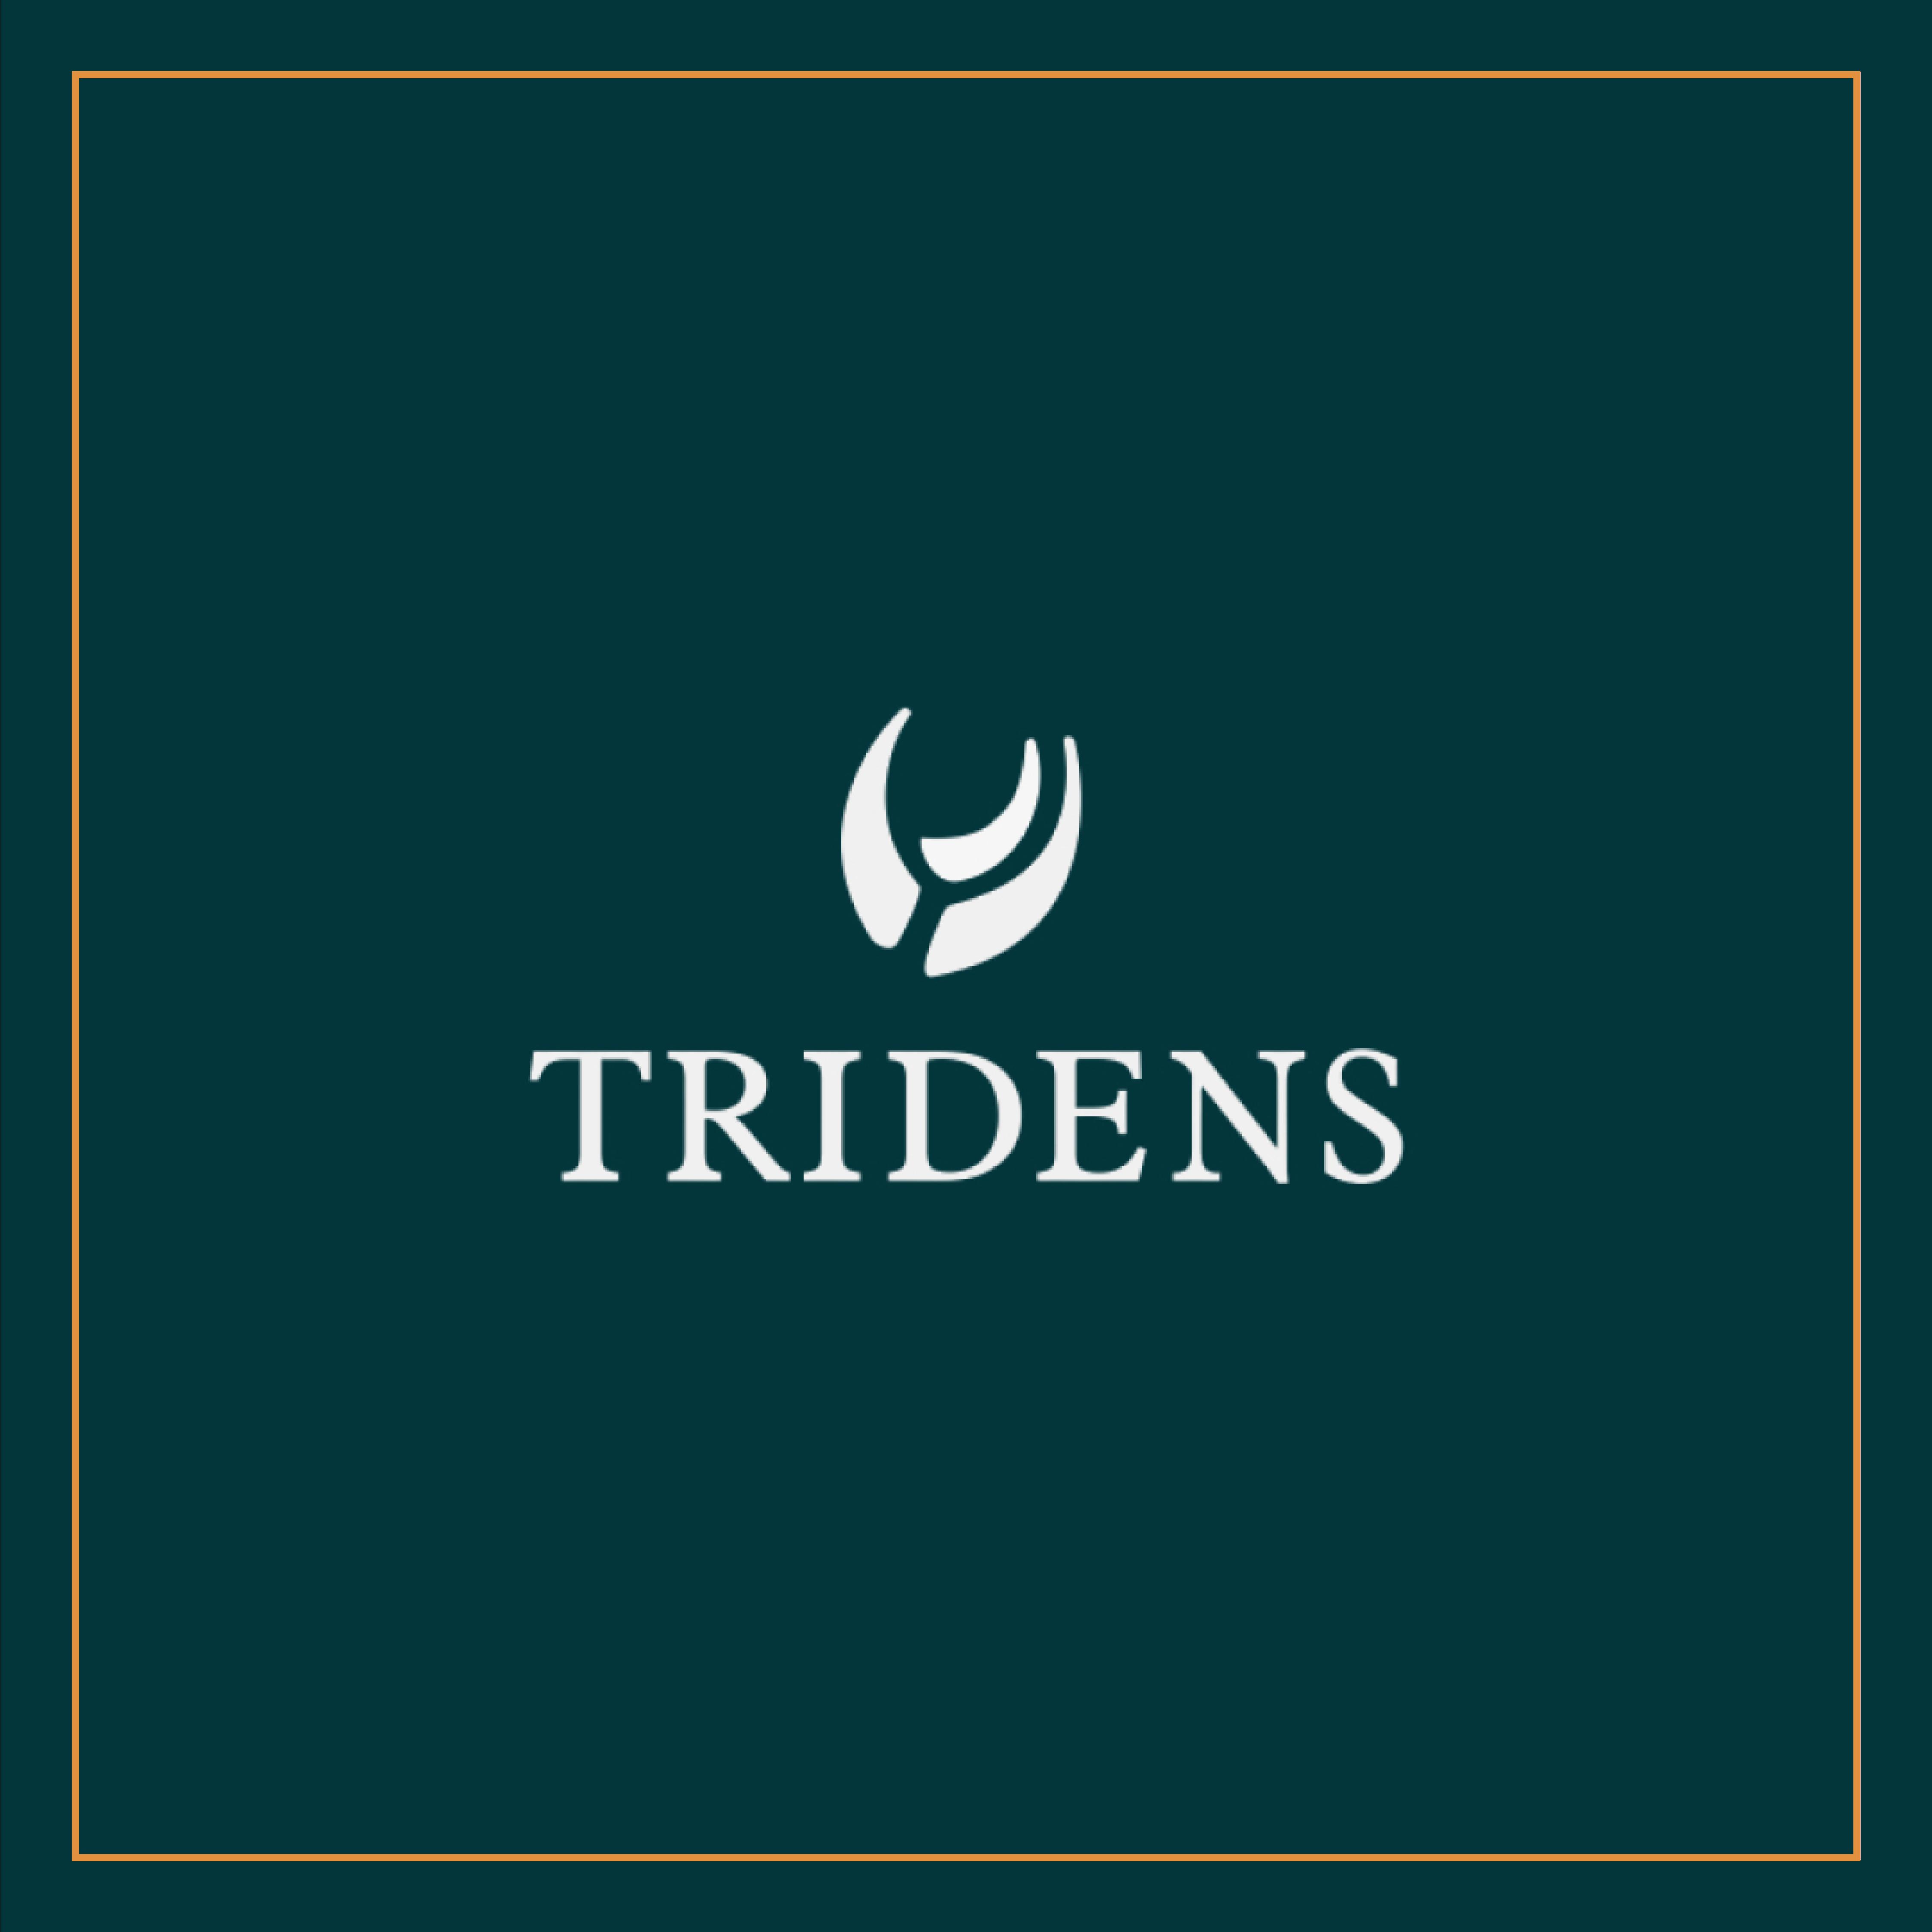 Trt_sponsorid_Tridens